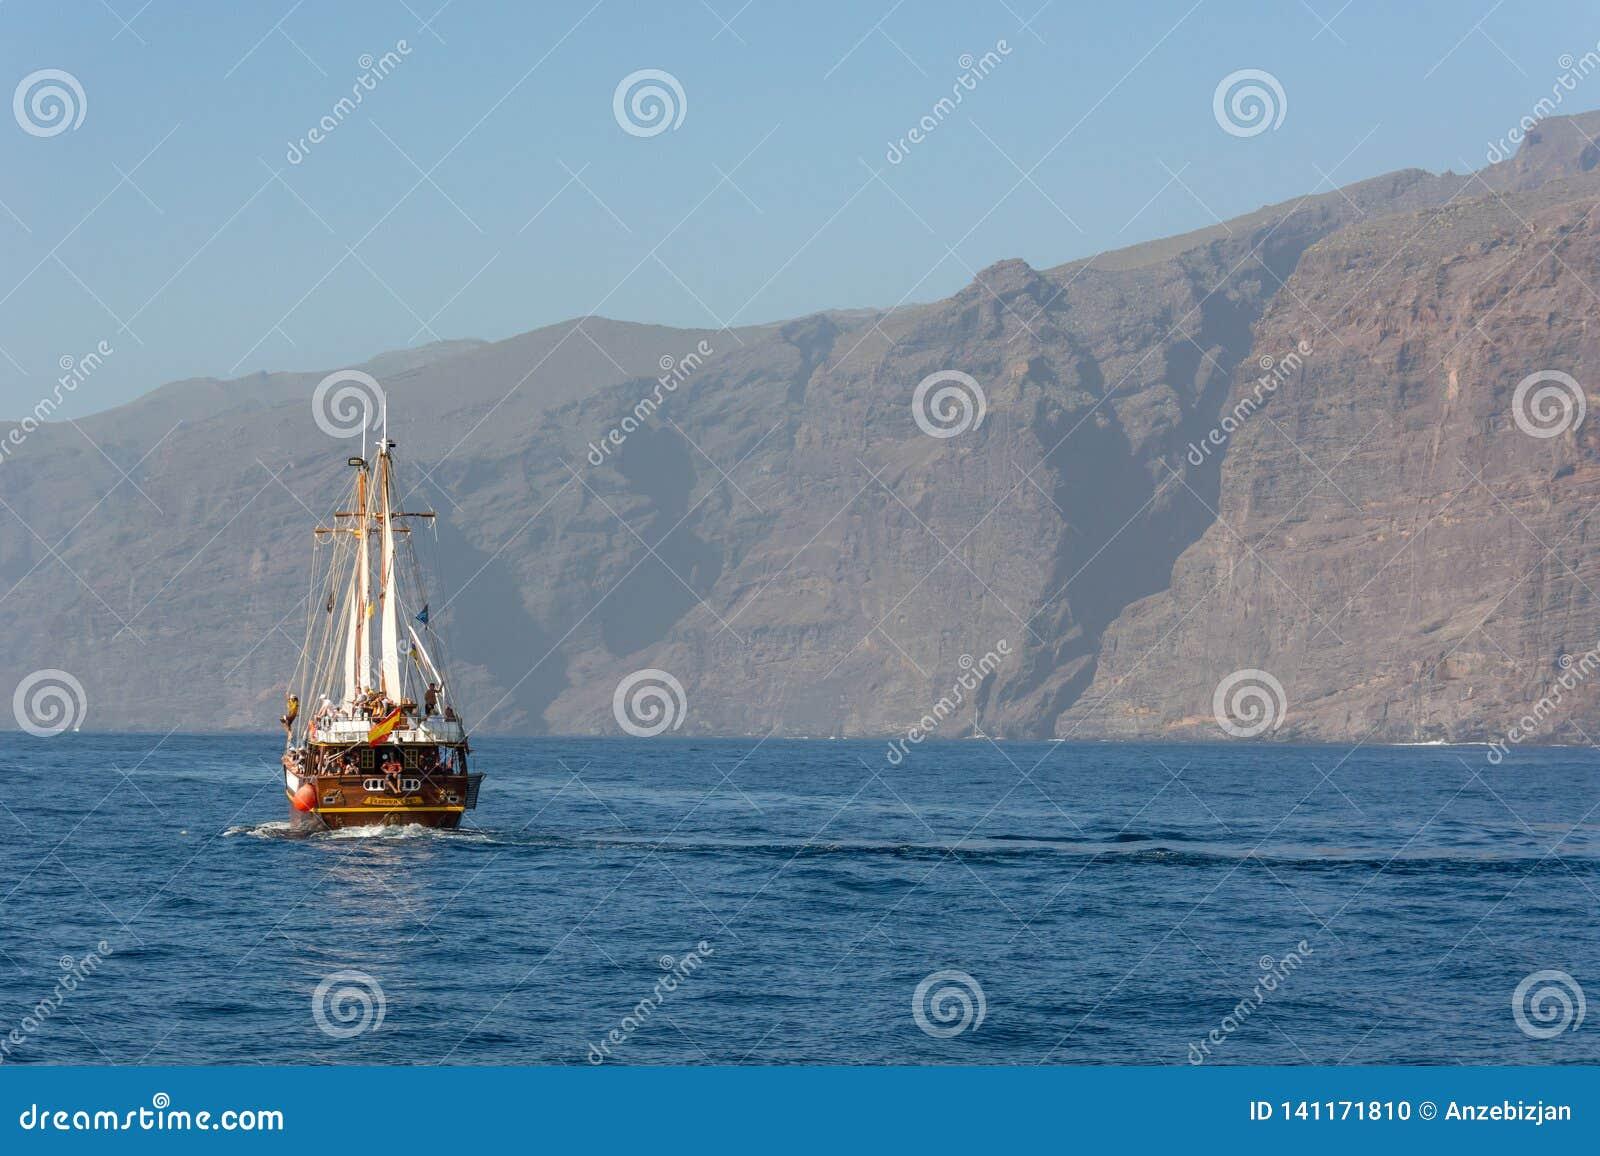 Los Gigantes, Espanha - 8 de fevereiro: Navio da excursão do turista na viagem wathcing do golfinho na costa de Los Gigantes, em